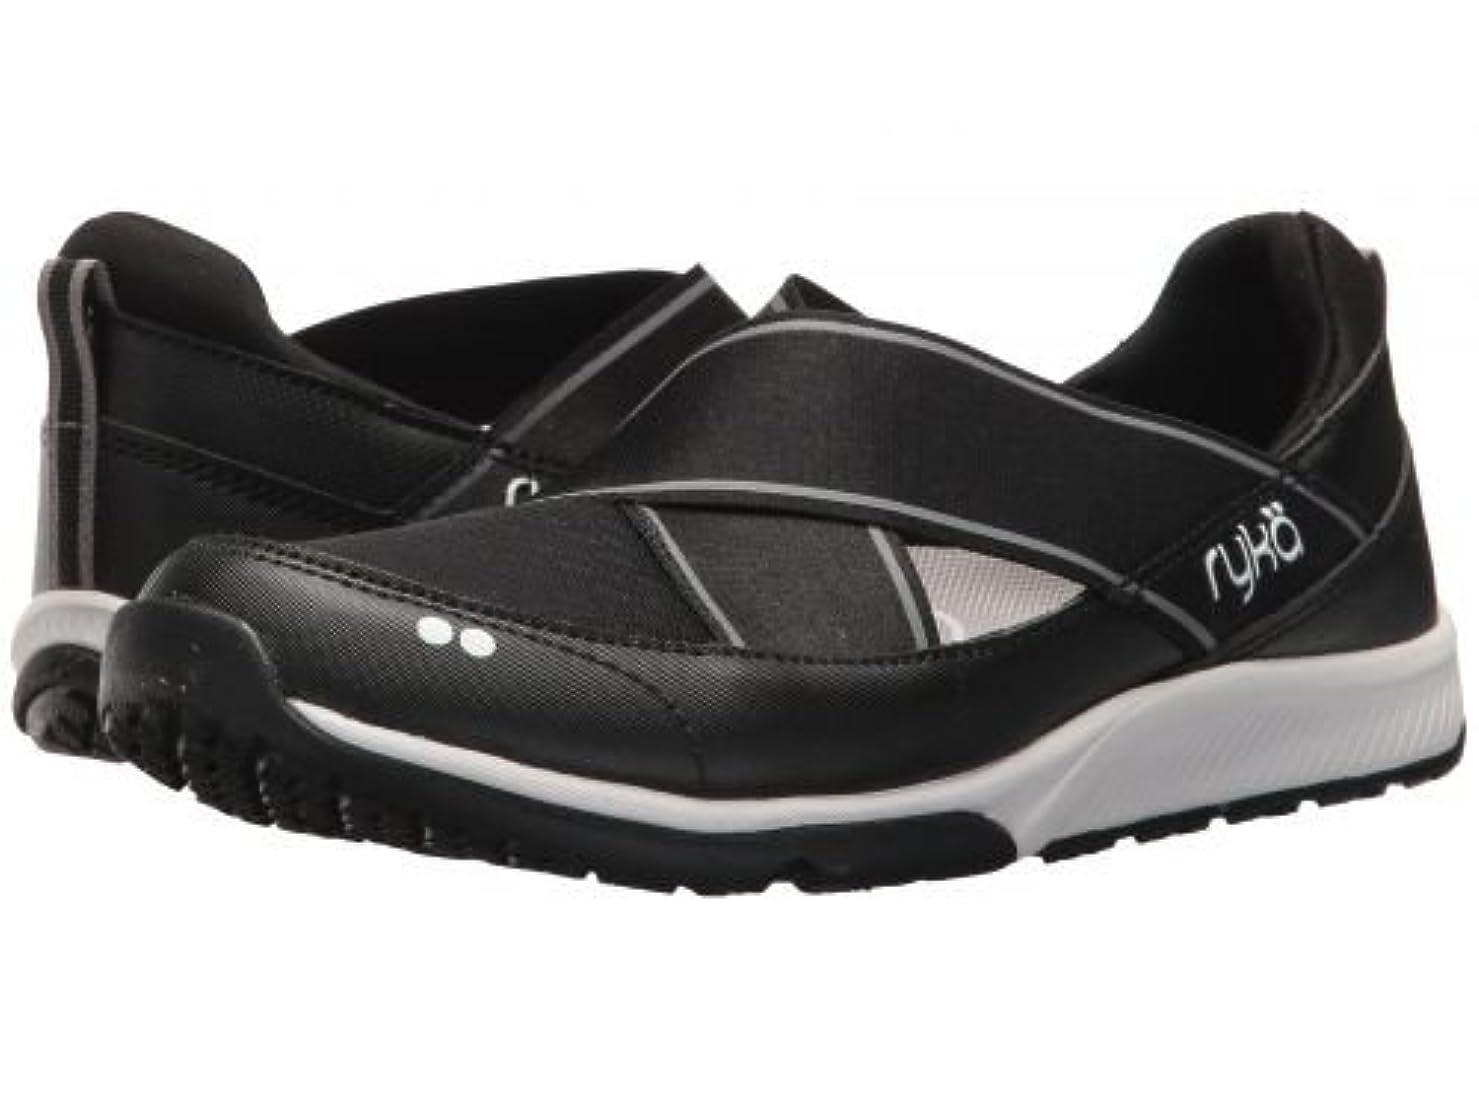 宣教師ヒゲクジラふさわしいRyka(ライカ) レディース 女性用 シューズ 靴 スニーカー 運動靴 Klick - Black/White [並行輸入品]